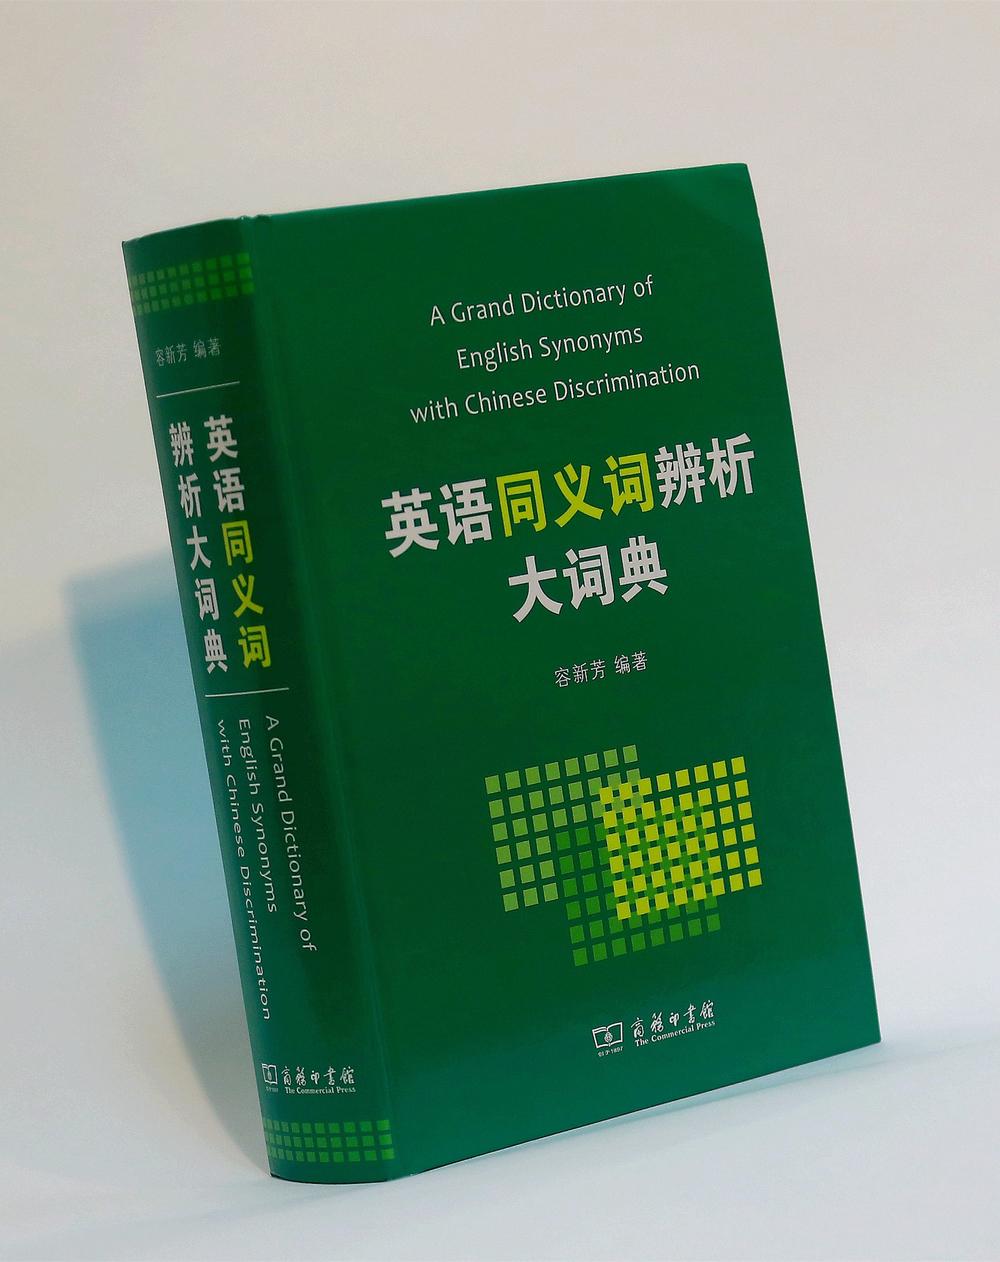 我校容新芳教授编纂的《英语同义词辨析大词典》面世